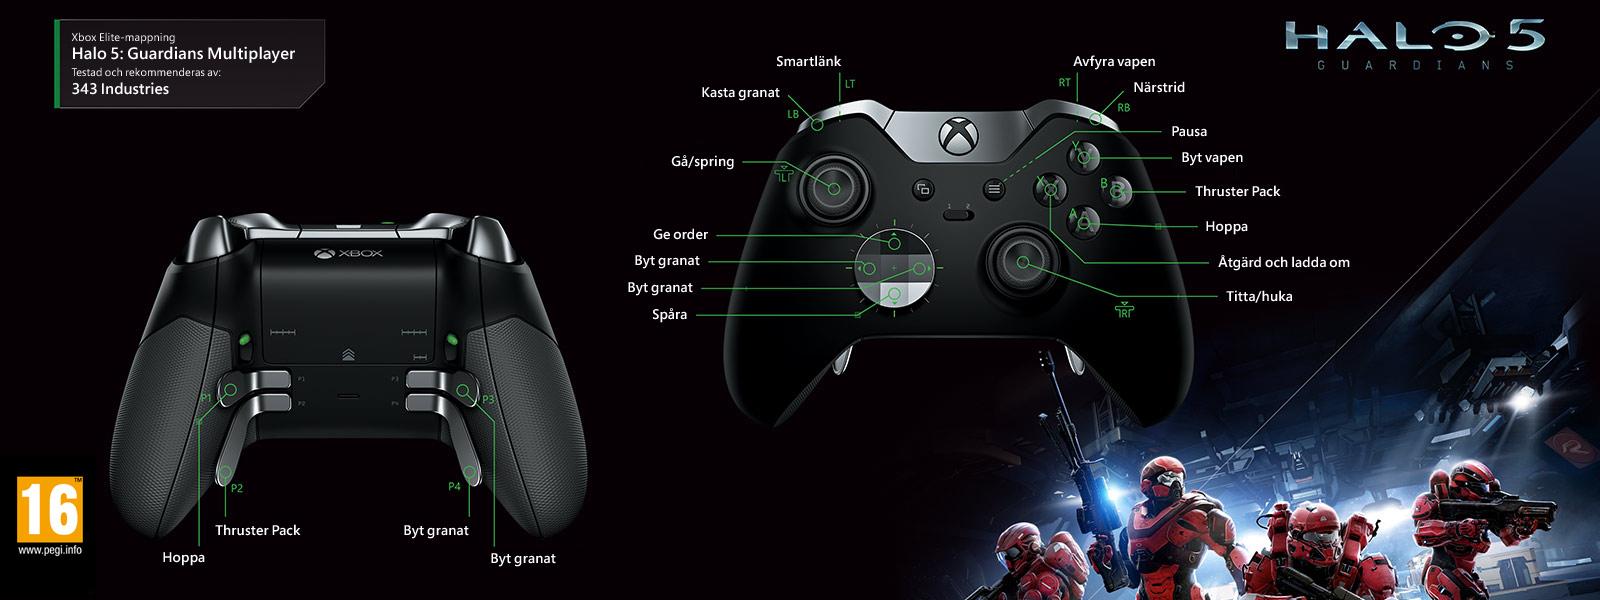 Halo 5: Guardians – Elite-mappning för multiplayer